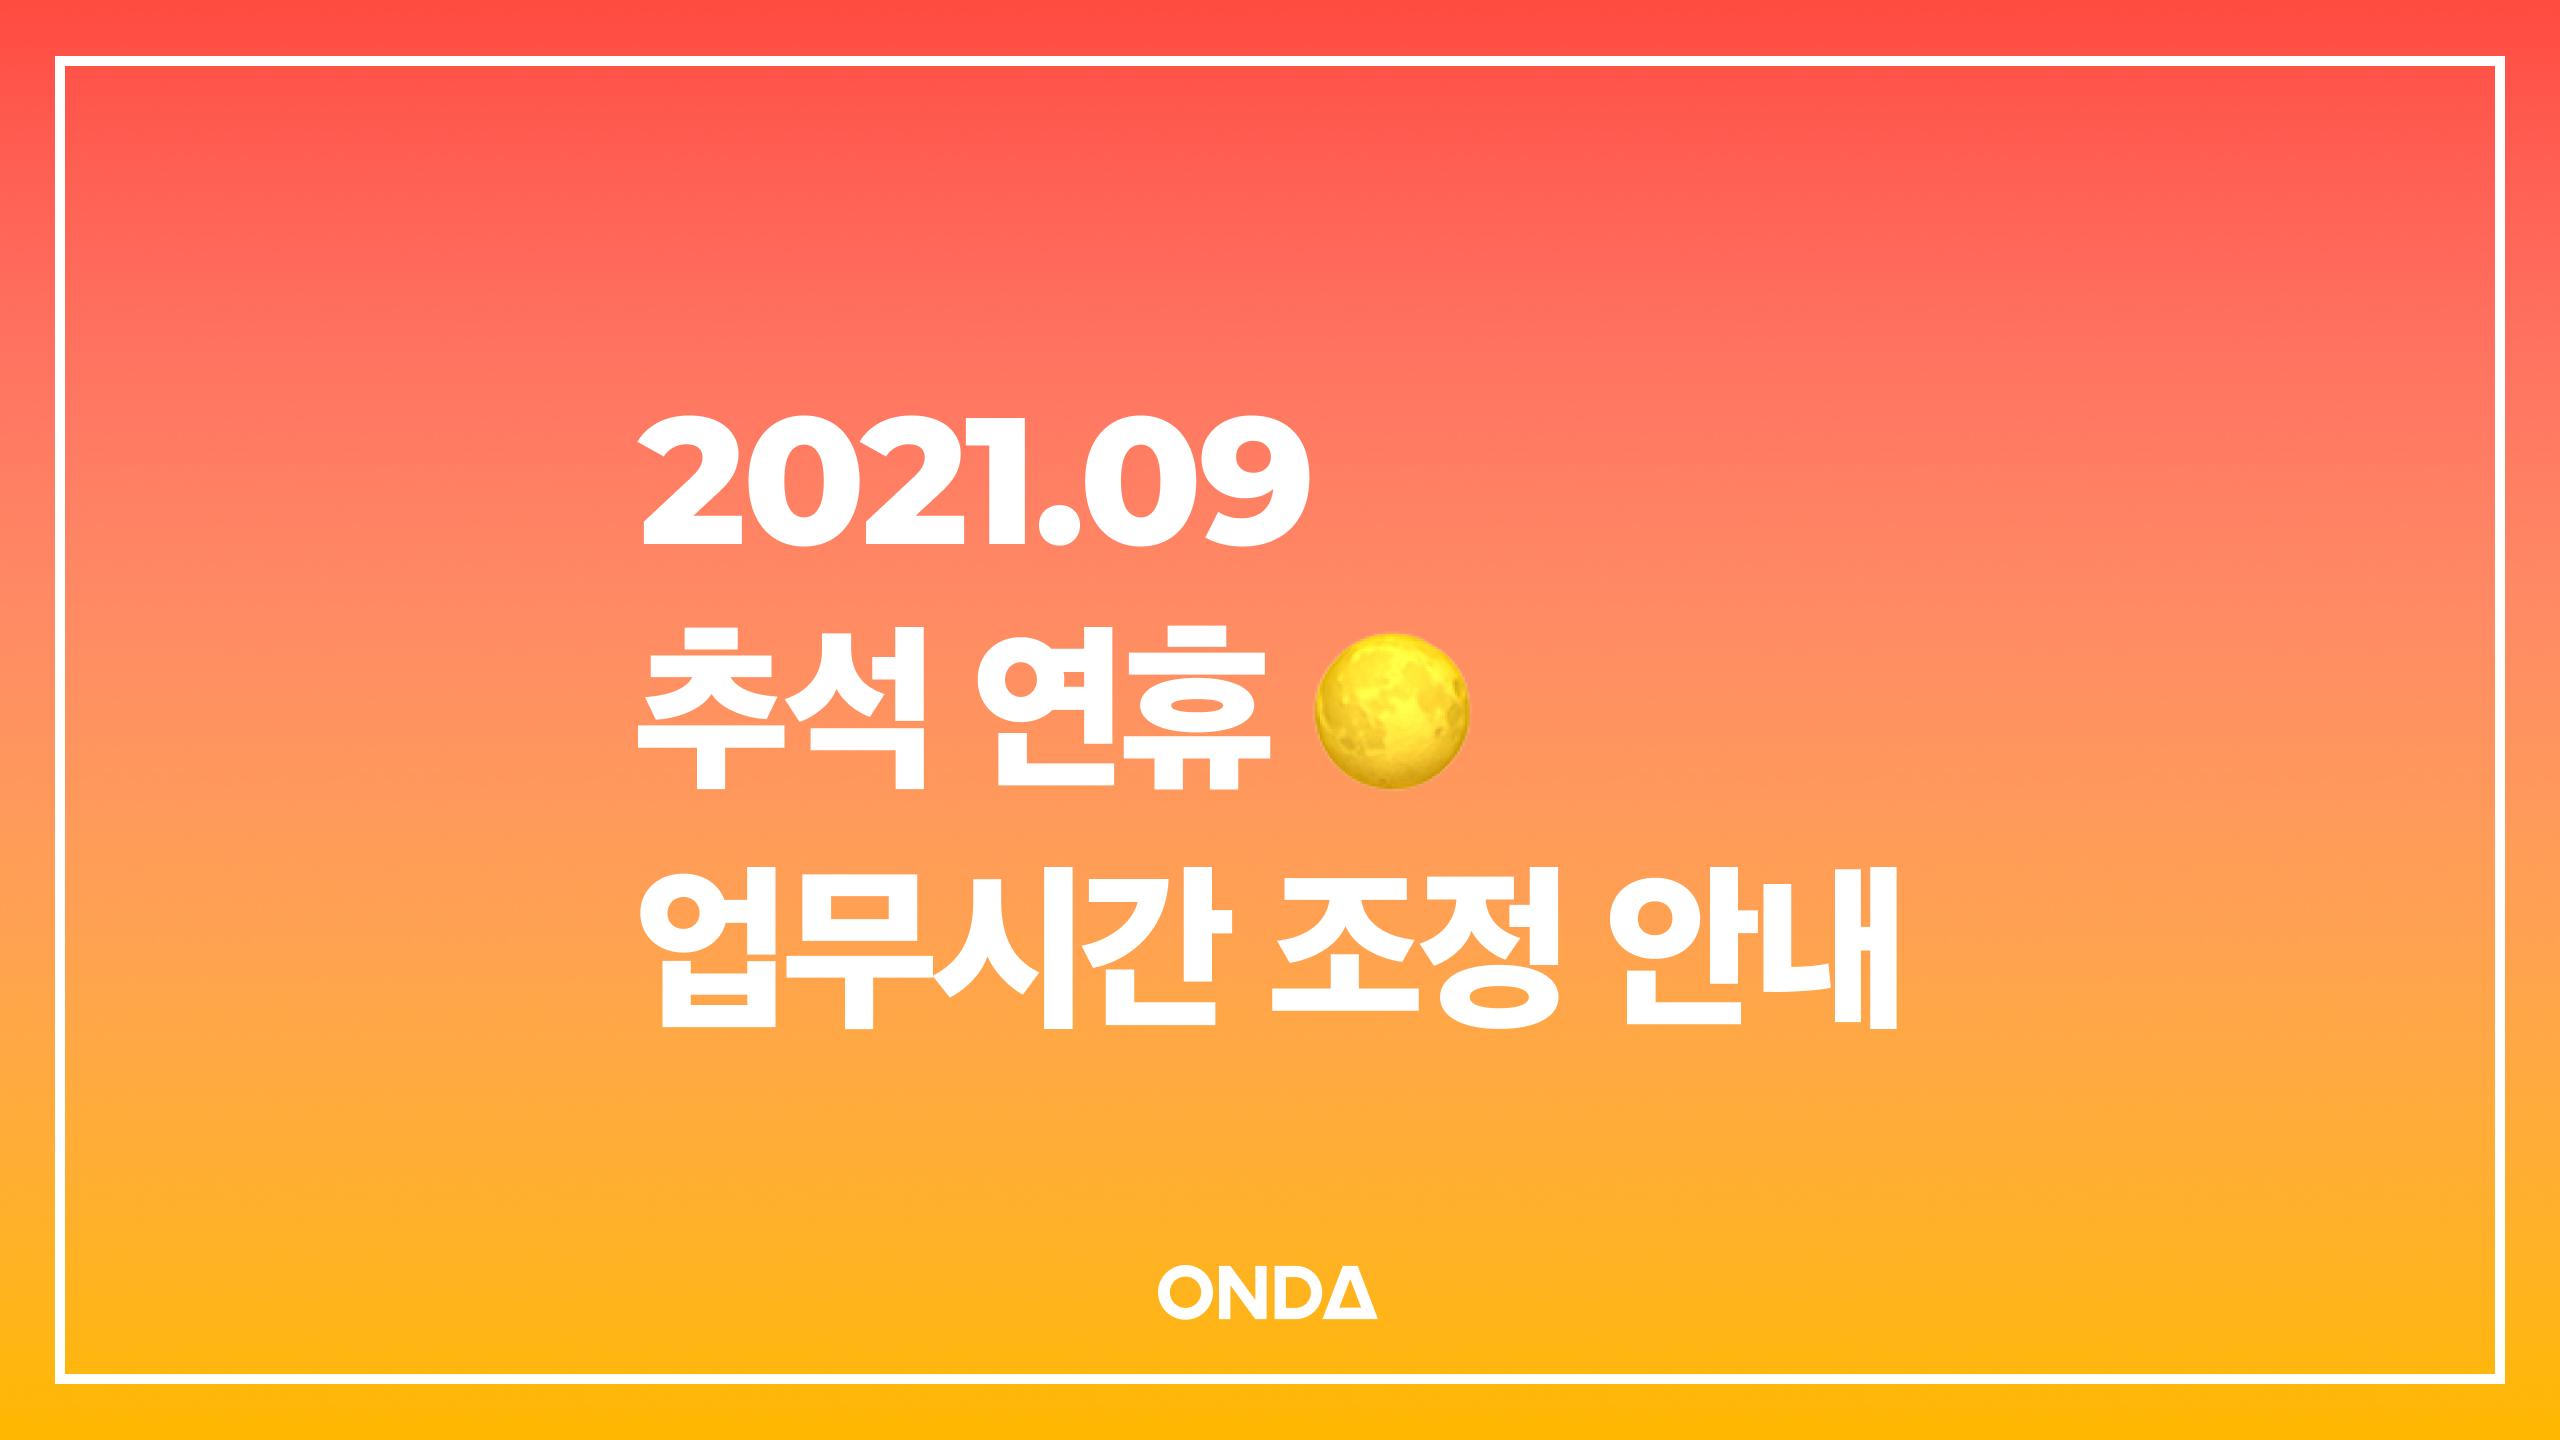 [공지] ONDA 2021년 9월 추석연휴 업무시간 조정 안내